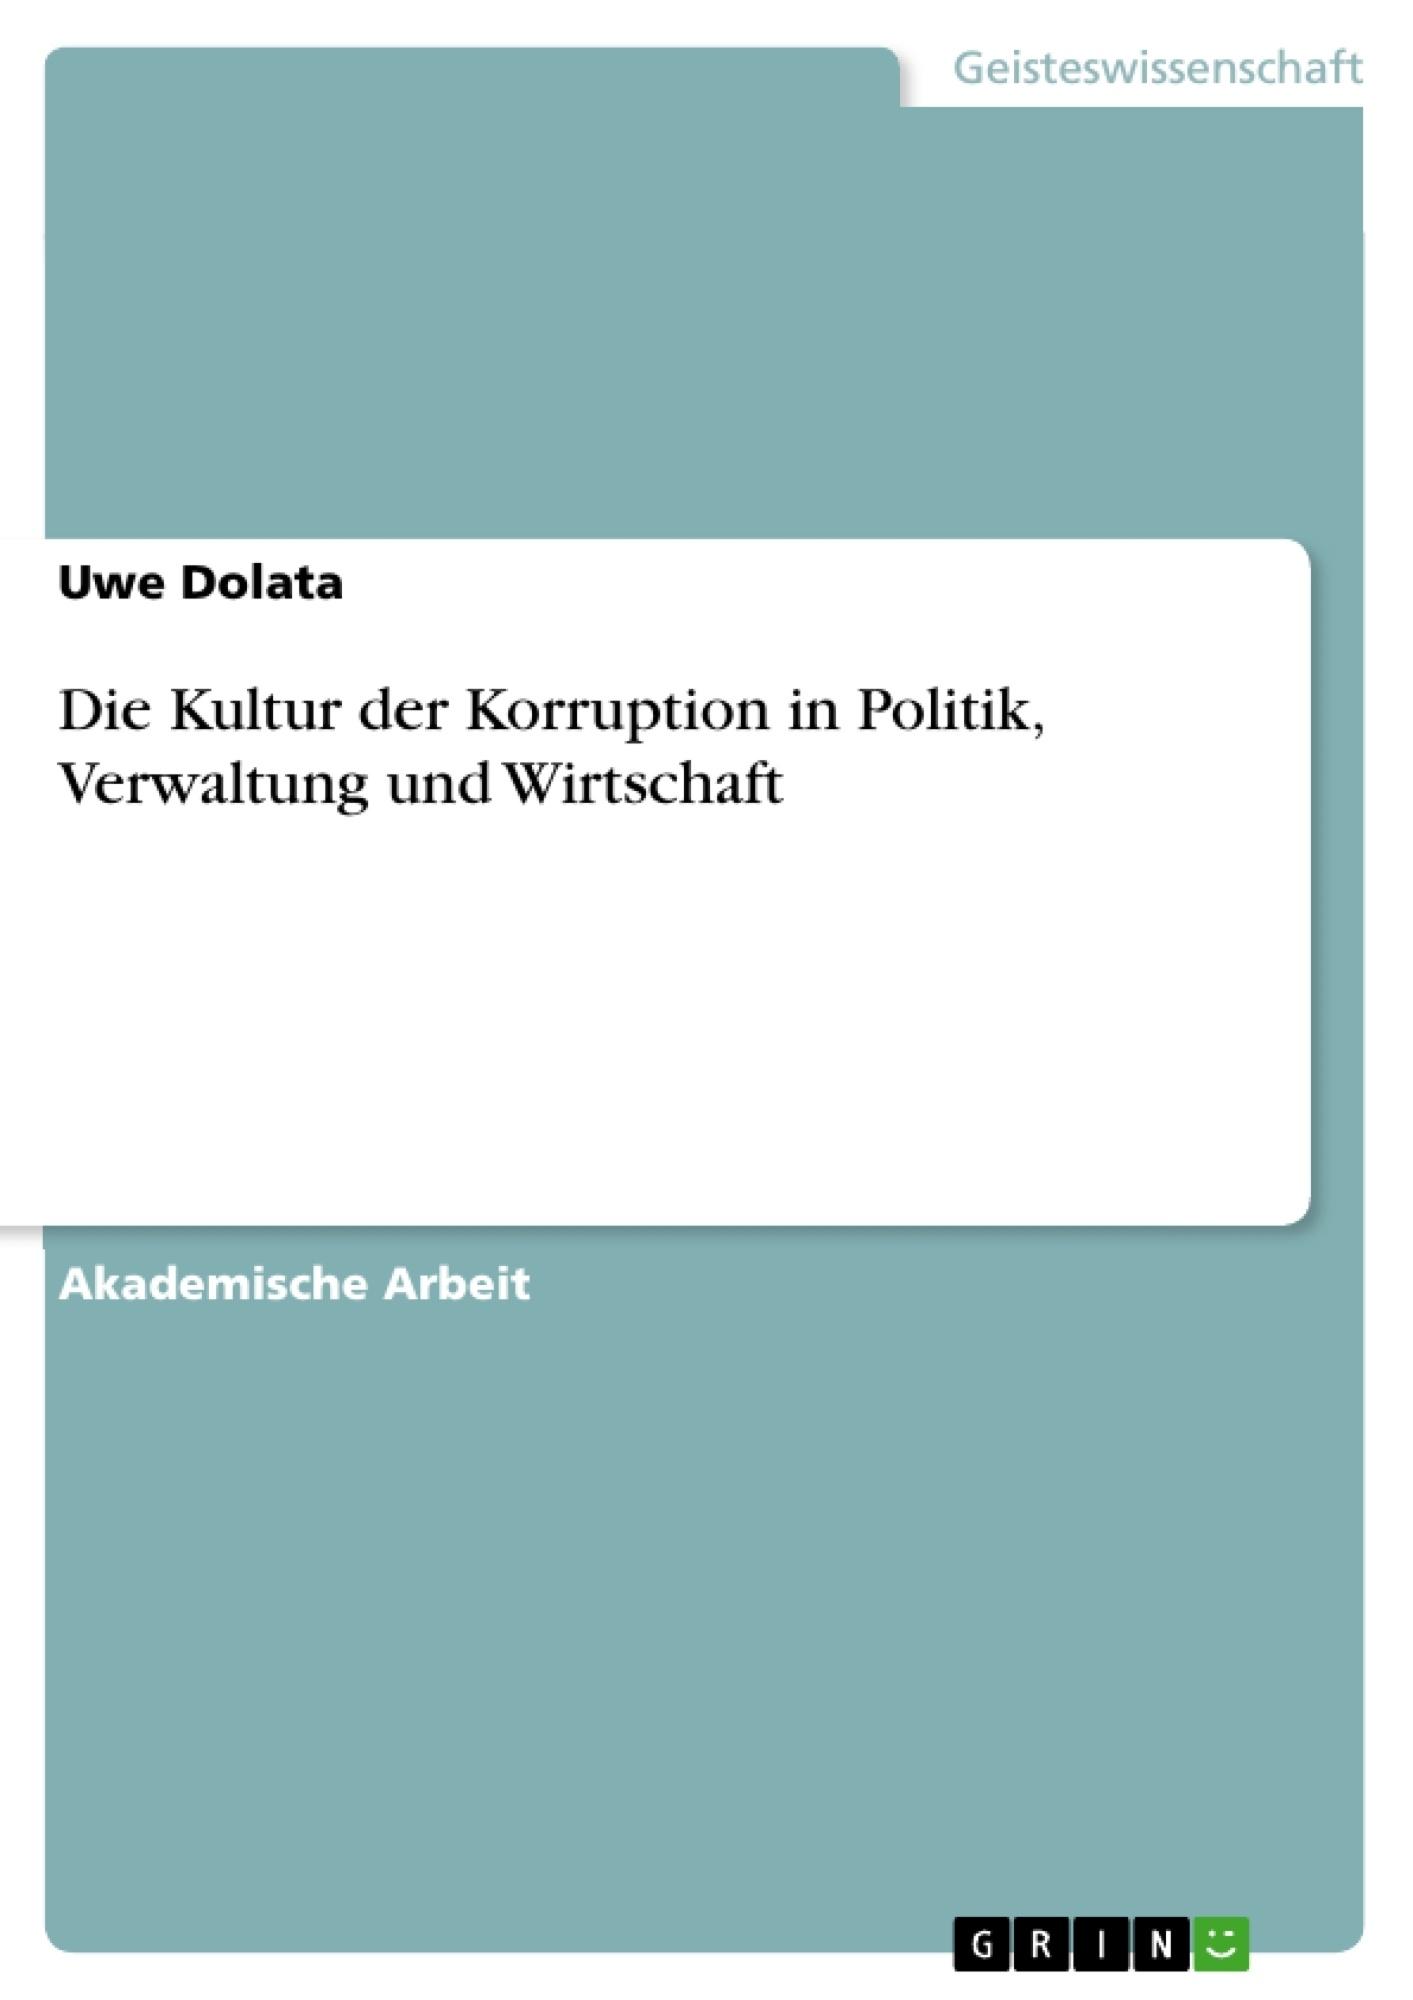 Titel: Die Kultur der Korruption in Politik, Verwaltung und Wirtschaft